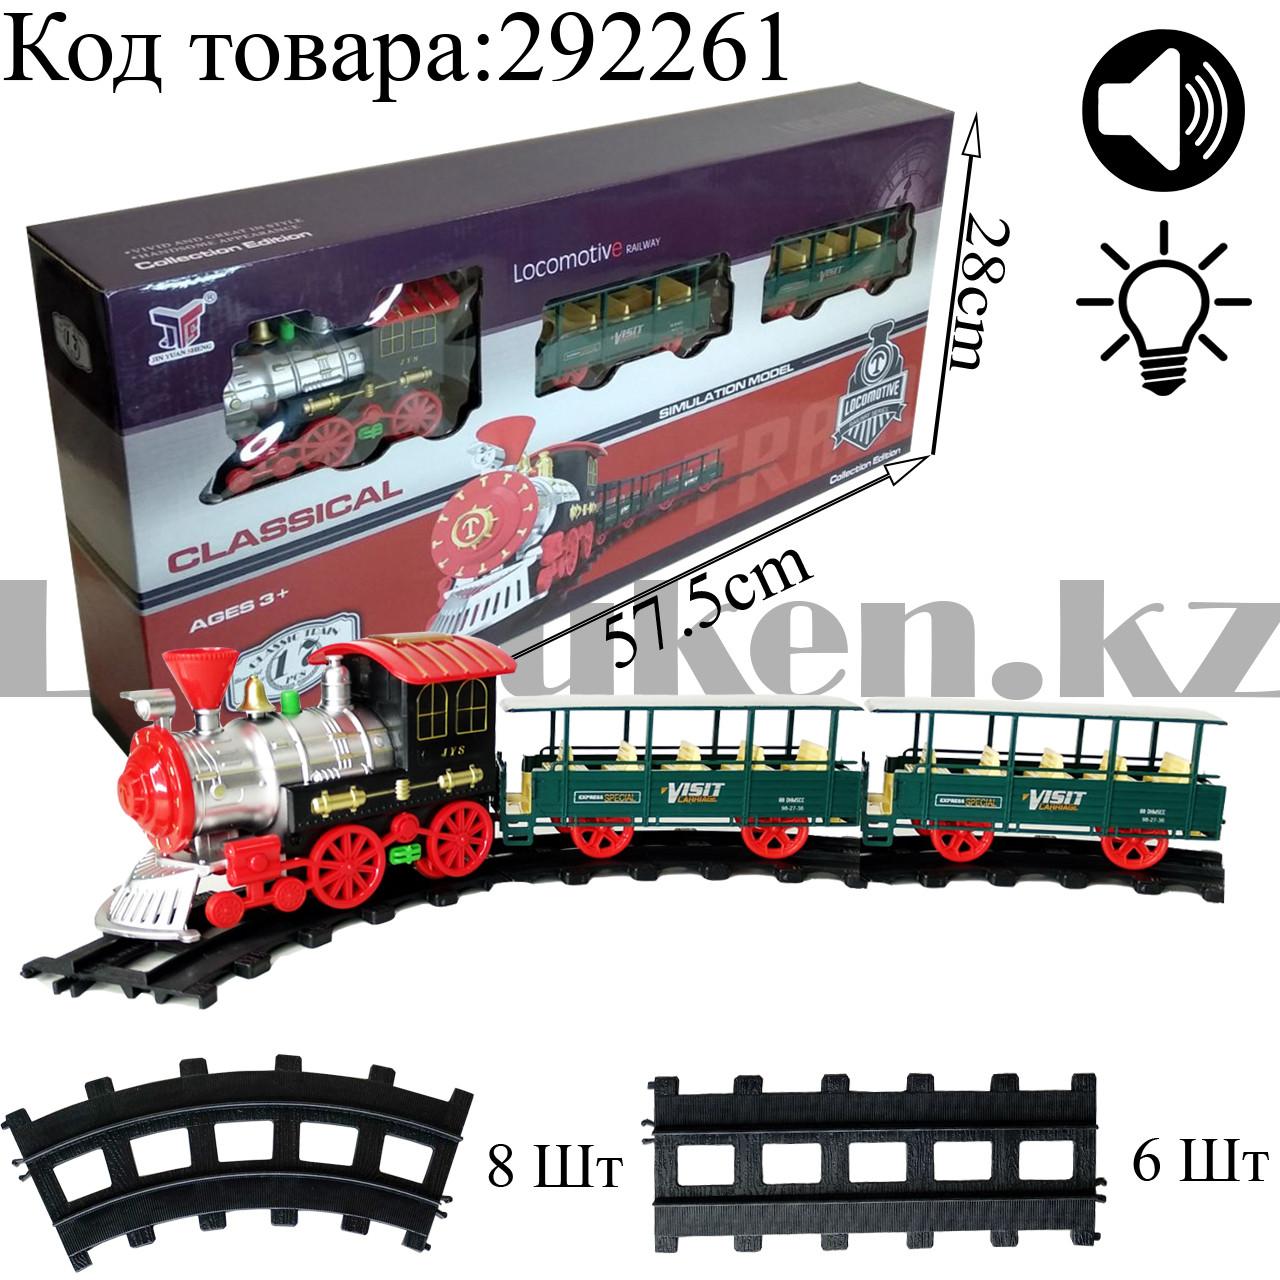 Игрушечный набор железная дорога и поезд со свето-звуковым сопровождением на 17 деталей Locomotive RailWay - фото 1